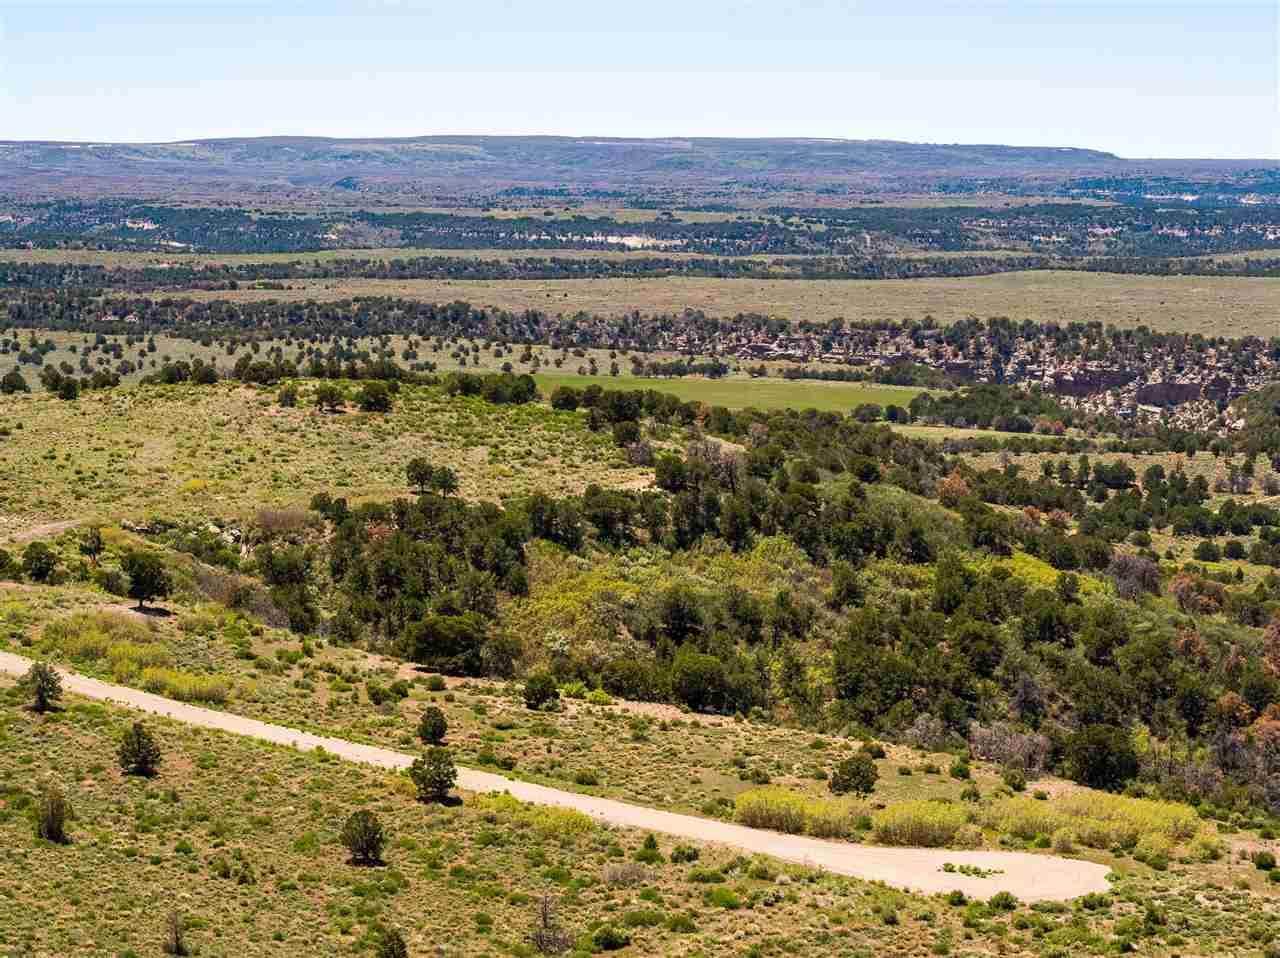 TBD Lot 48 Eagle View Drive - Photo 1